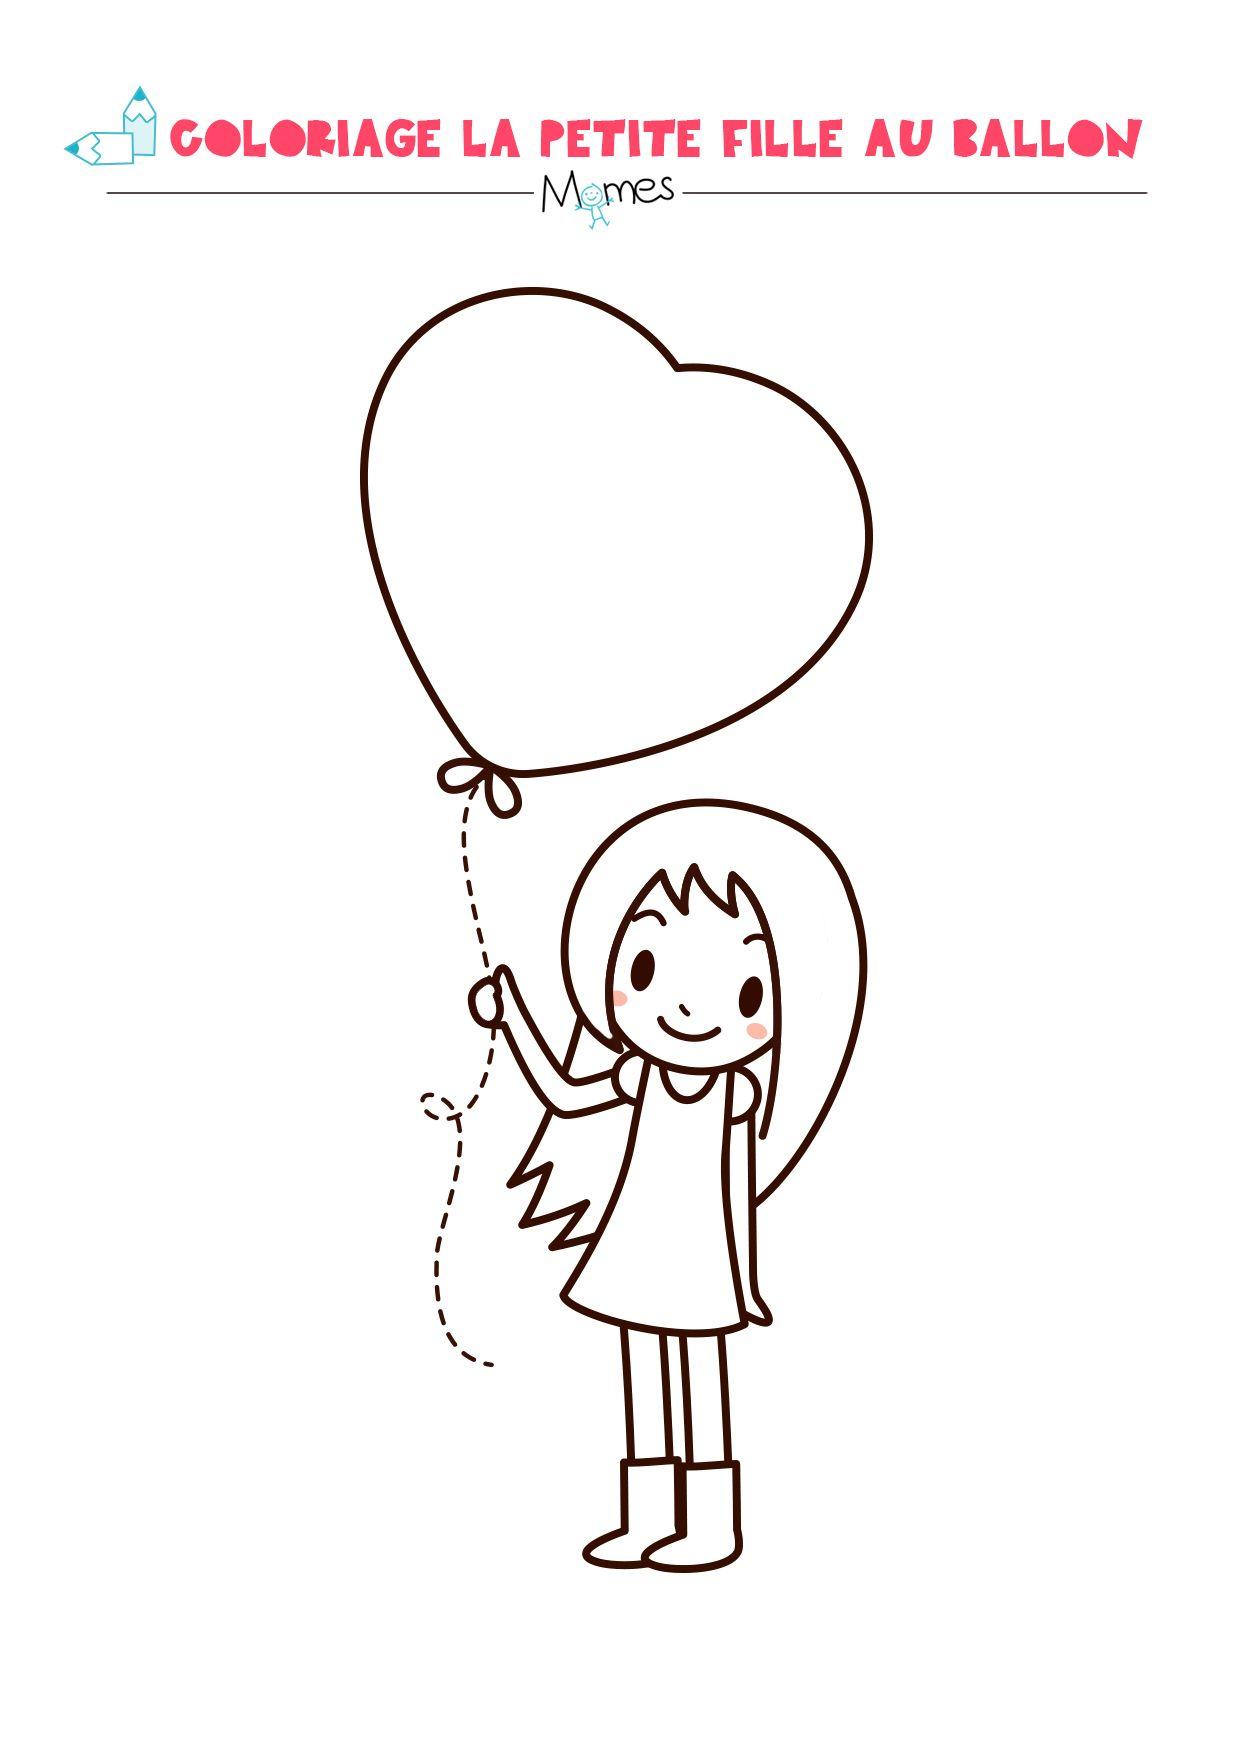 La Petite Fille Au Grand Coeur | Coloriage St Valentin tout Dessin Pour La Saint Valentin